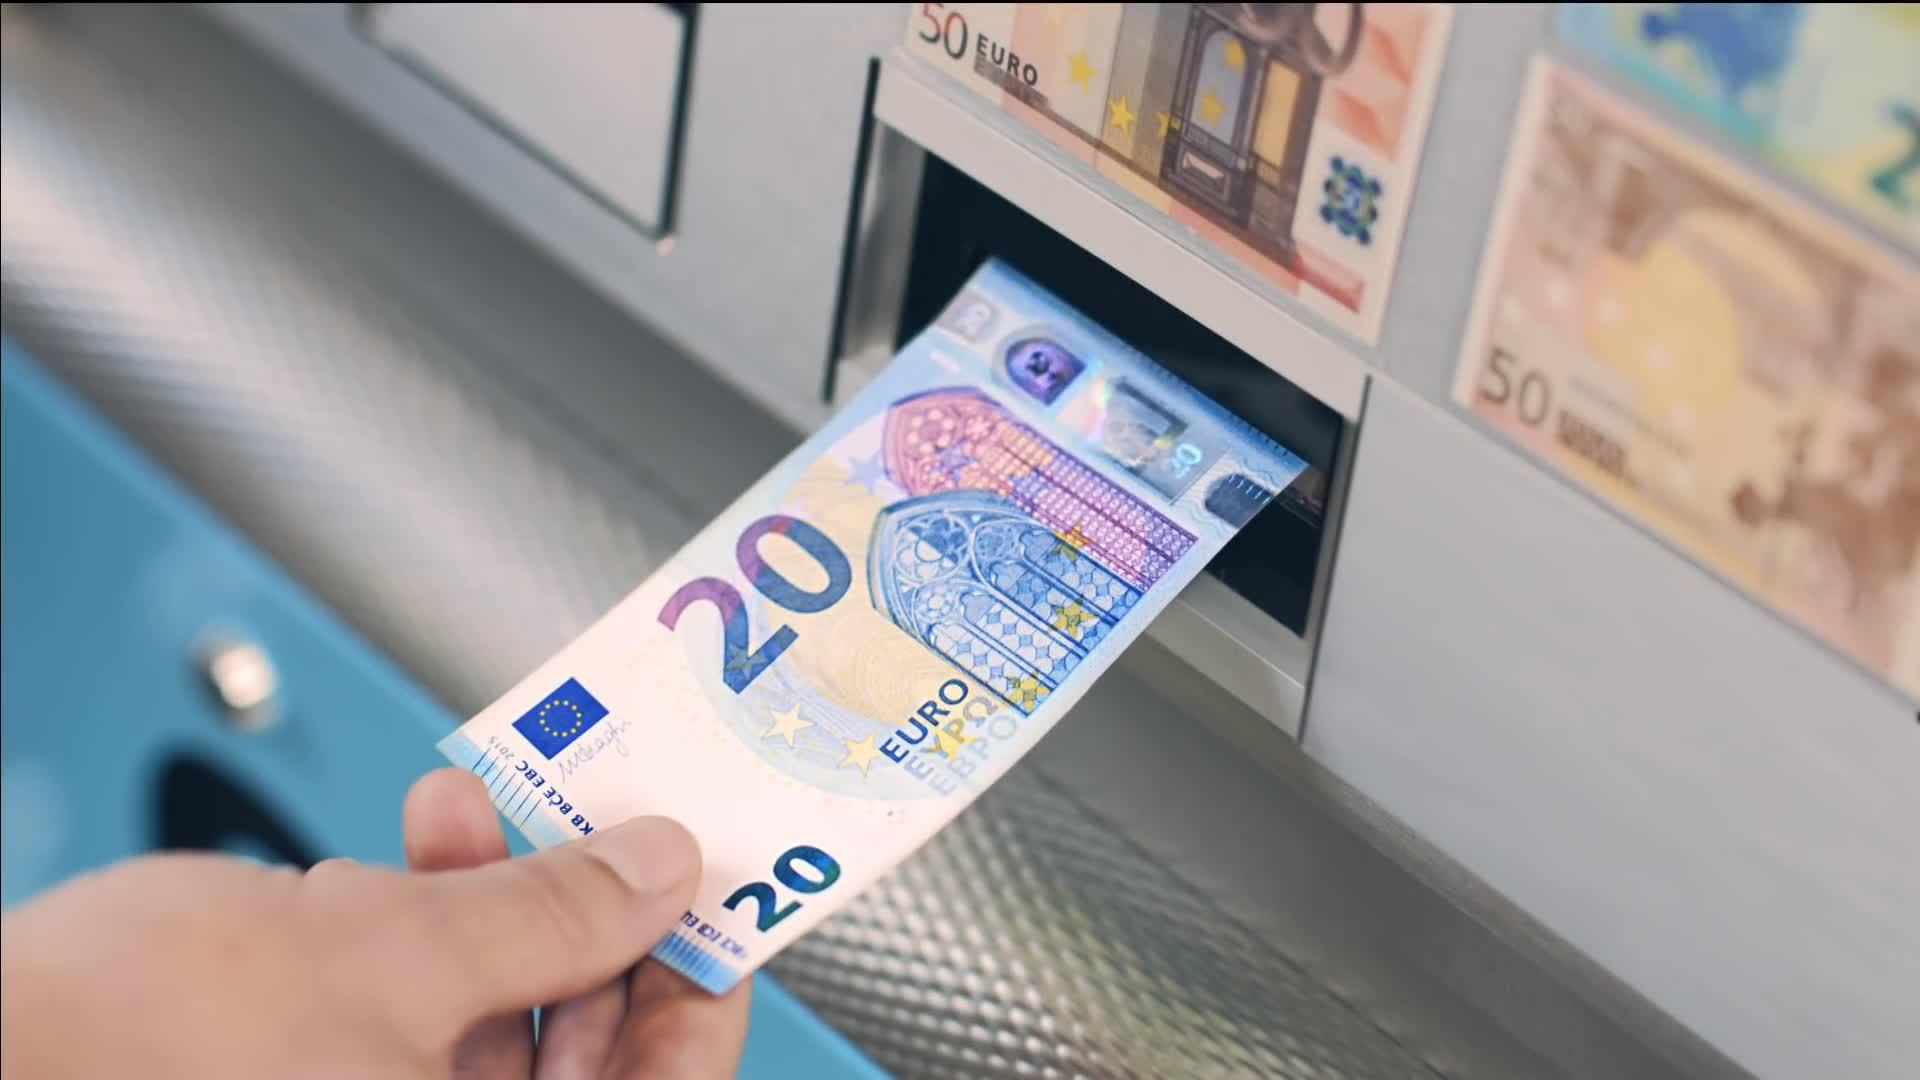 El miércoles empezará a circular el nuevo billete de 20 euros